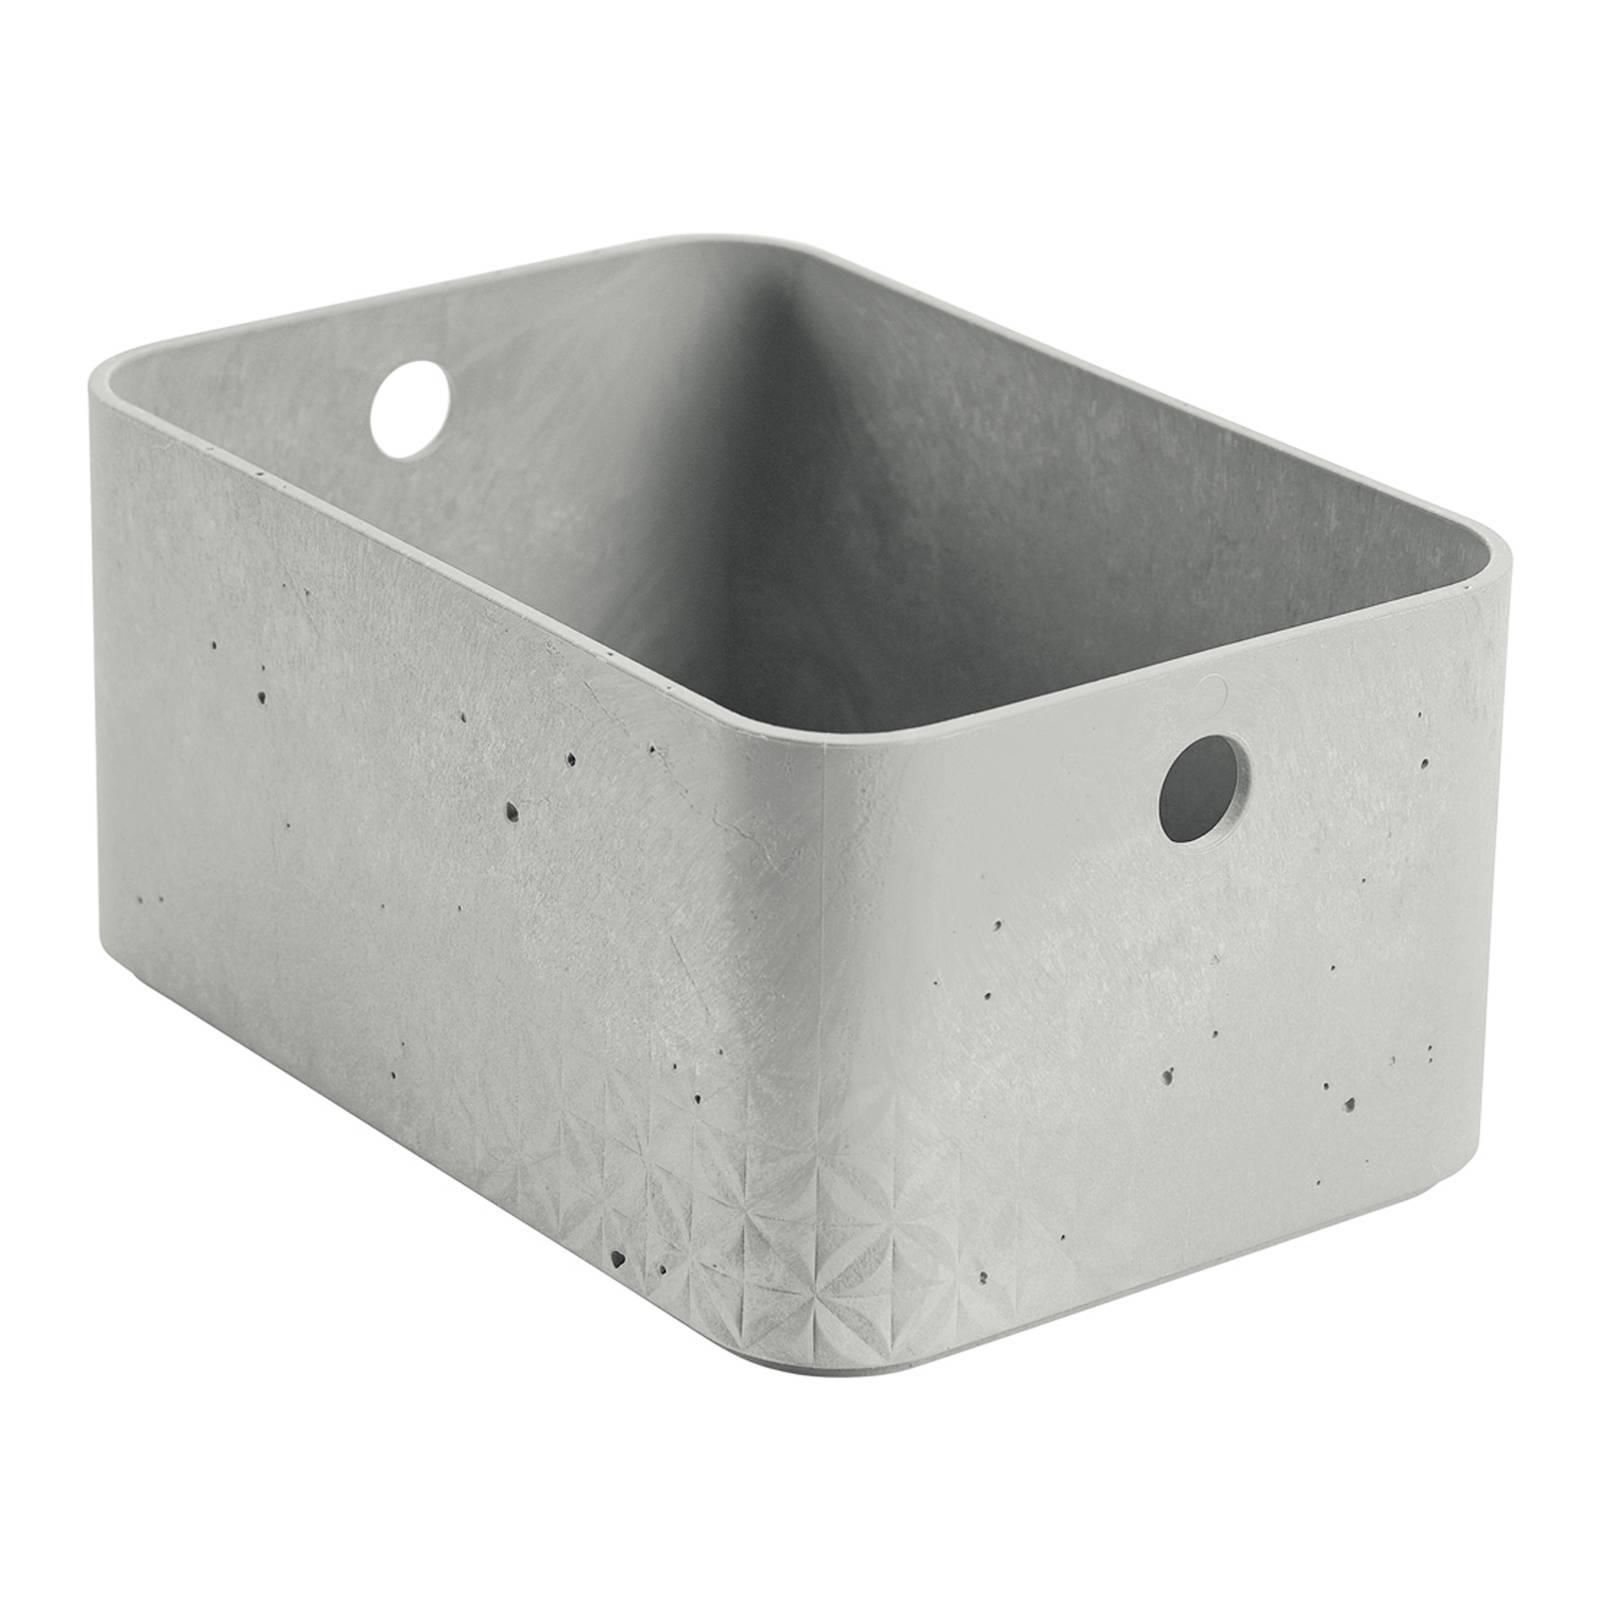 Förvåringslåda rektangulär 4 L Betong grå CURVER